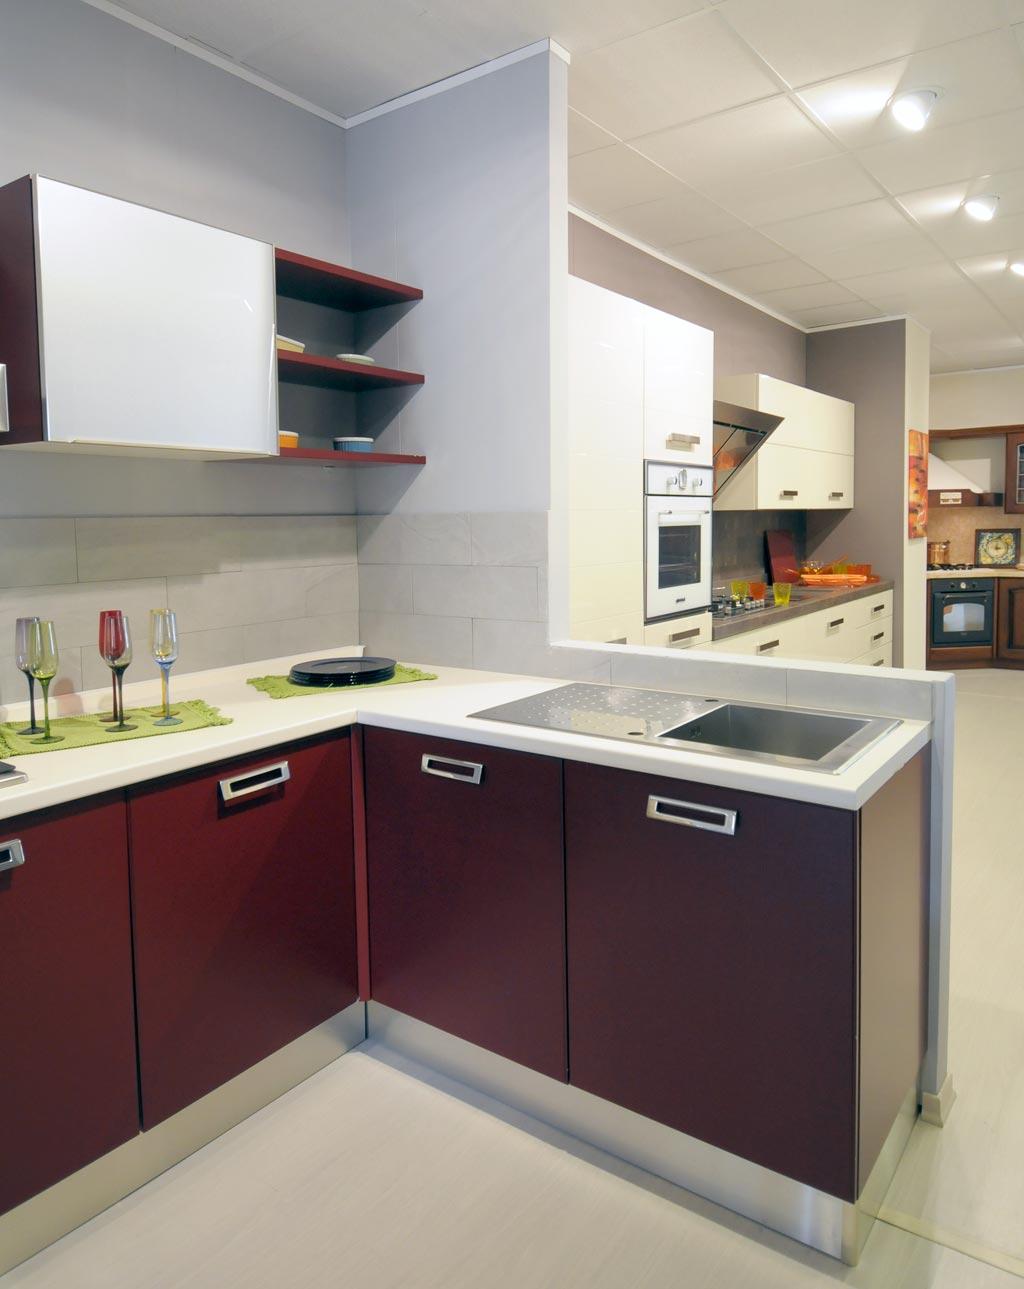 Cucina moderna Mito - Rivenditori cucine Sicilia